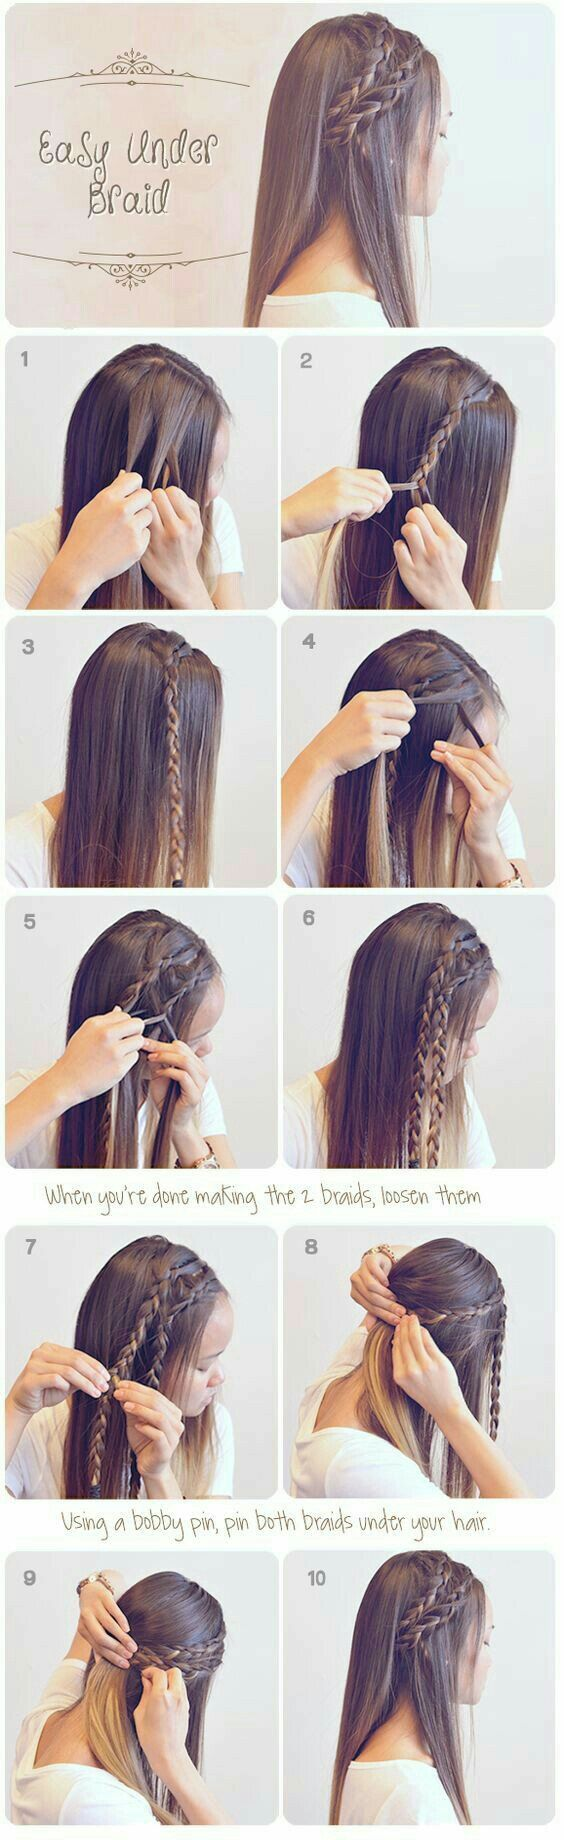 Easy under braid easiest u beautiful step by step braid